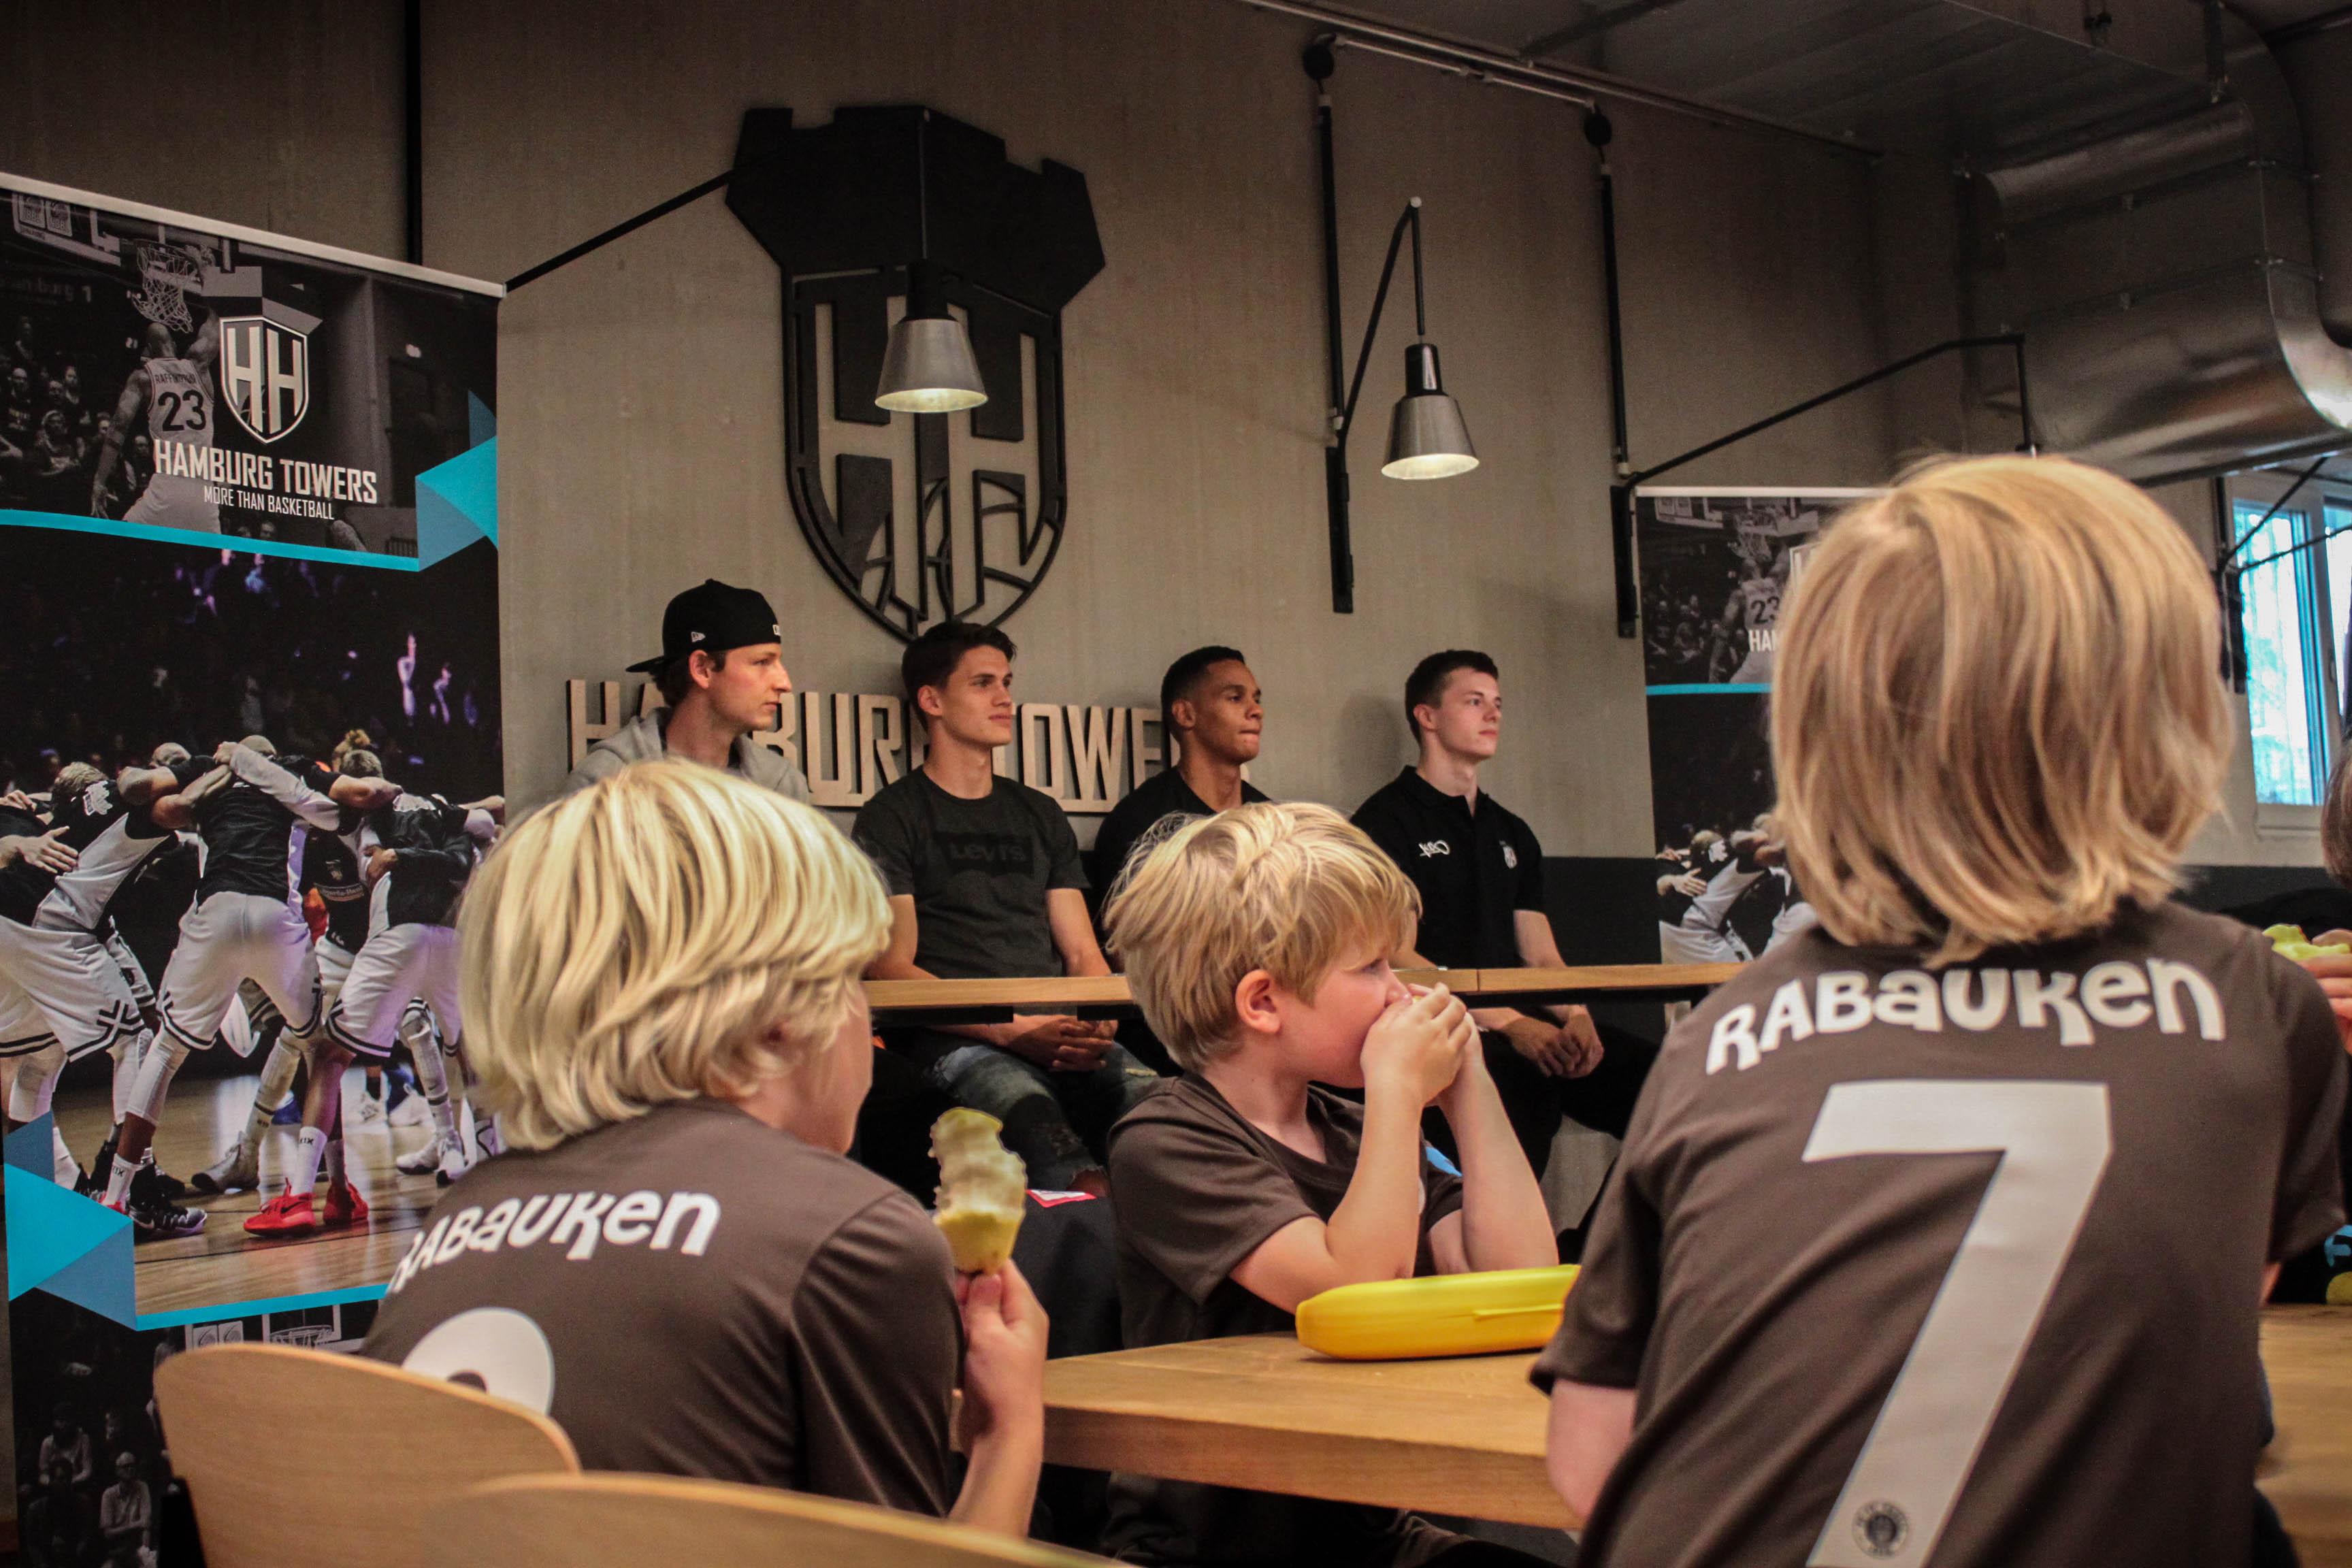 Zweites Basketball-/Fussballcamp mit den Hamburg Towers